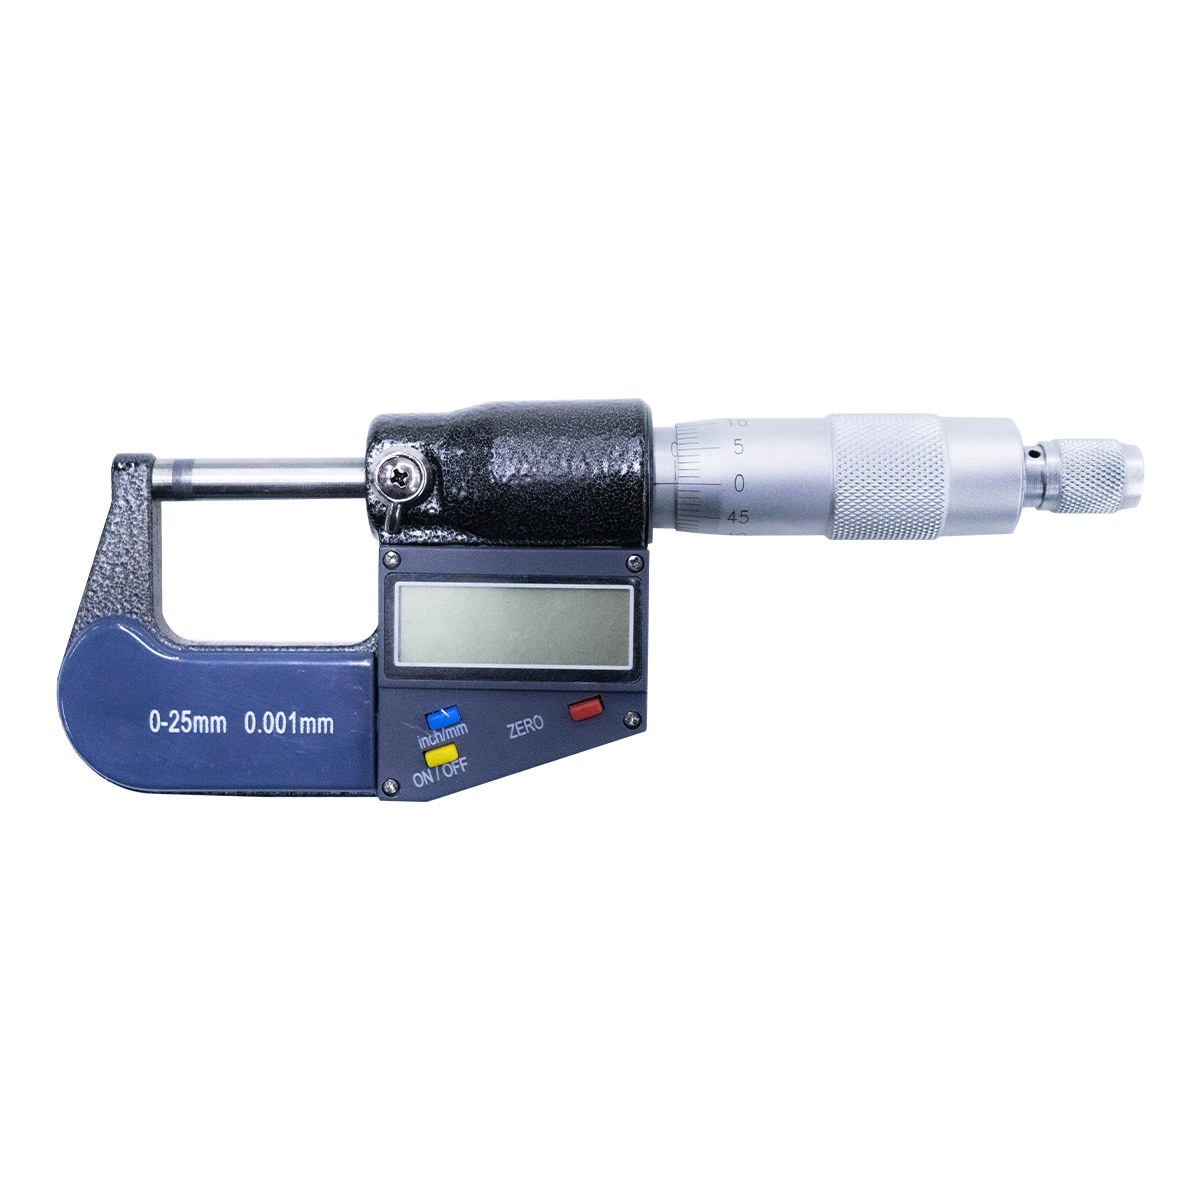 CYCLUS TOOLS - MICRÔMETRO DIGITAL DE PRECISÃO DE 0-25mm - 720353